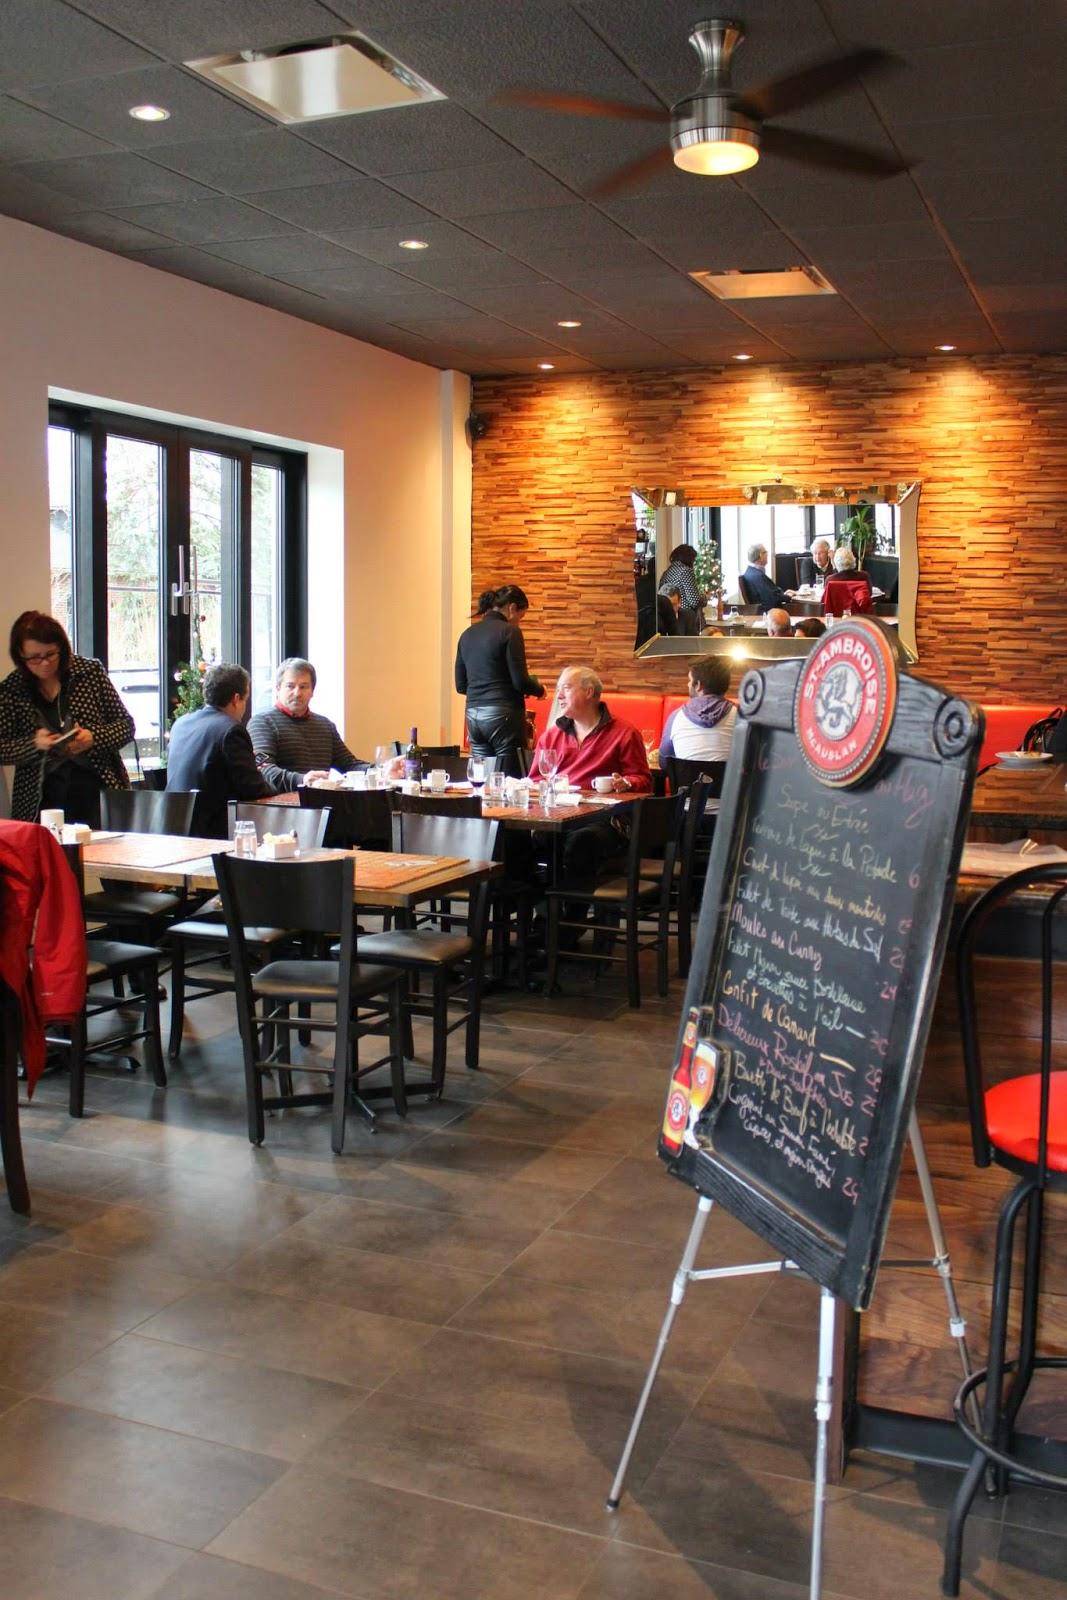 le FLAG bistro-pizz Flagrant Délice restaurant ambiance